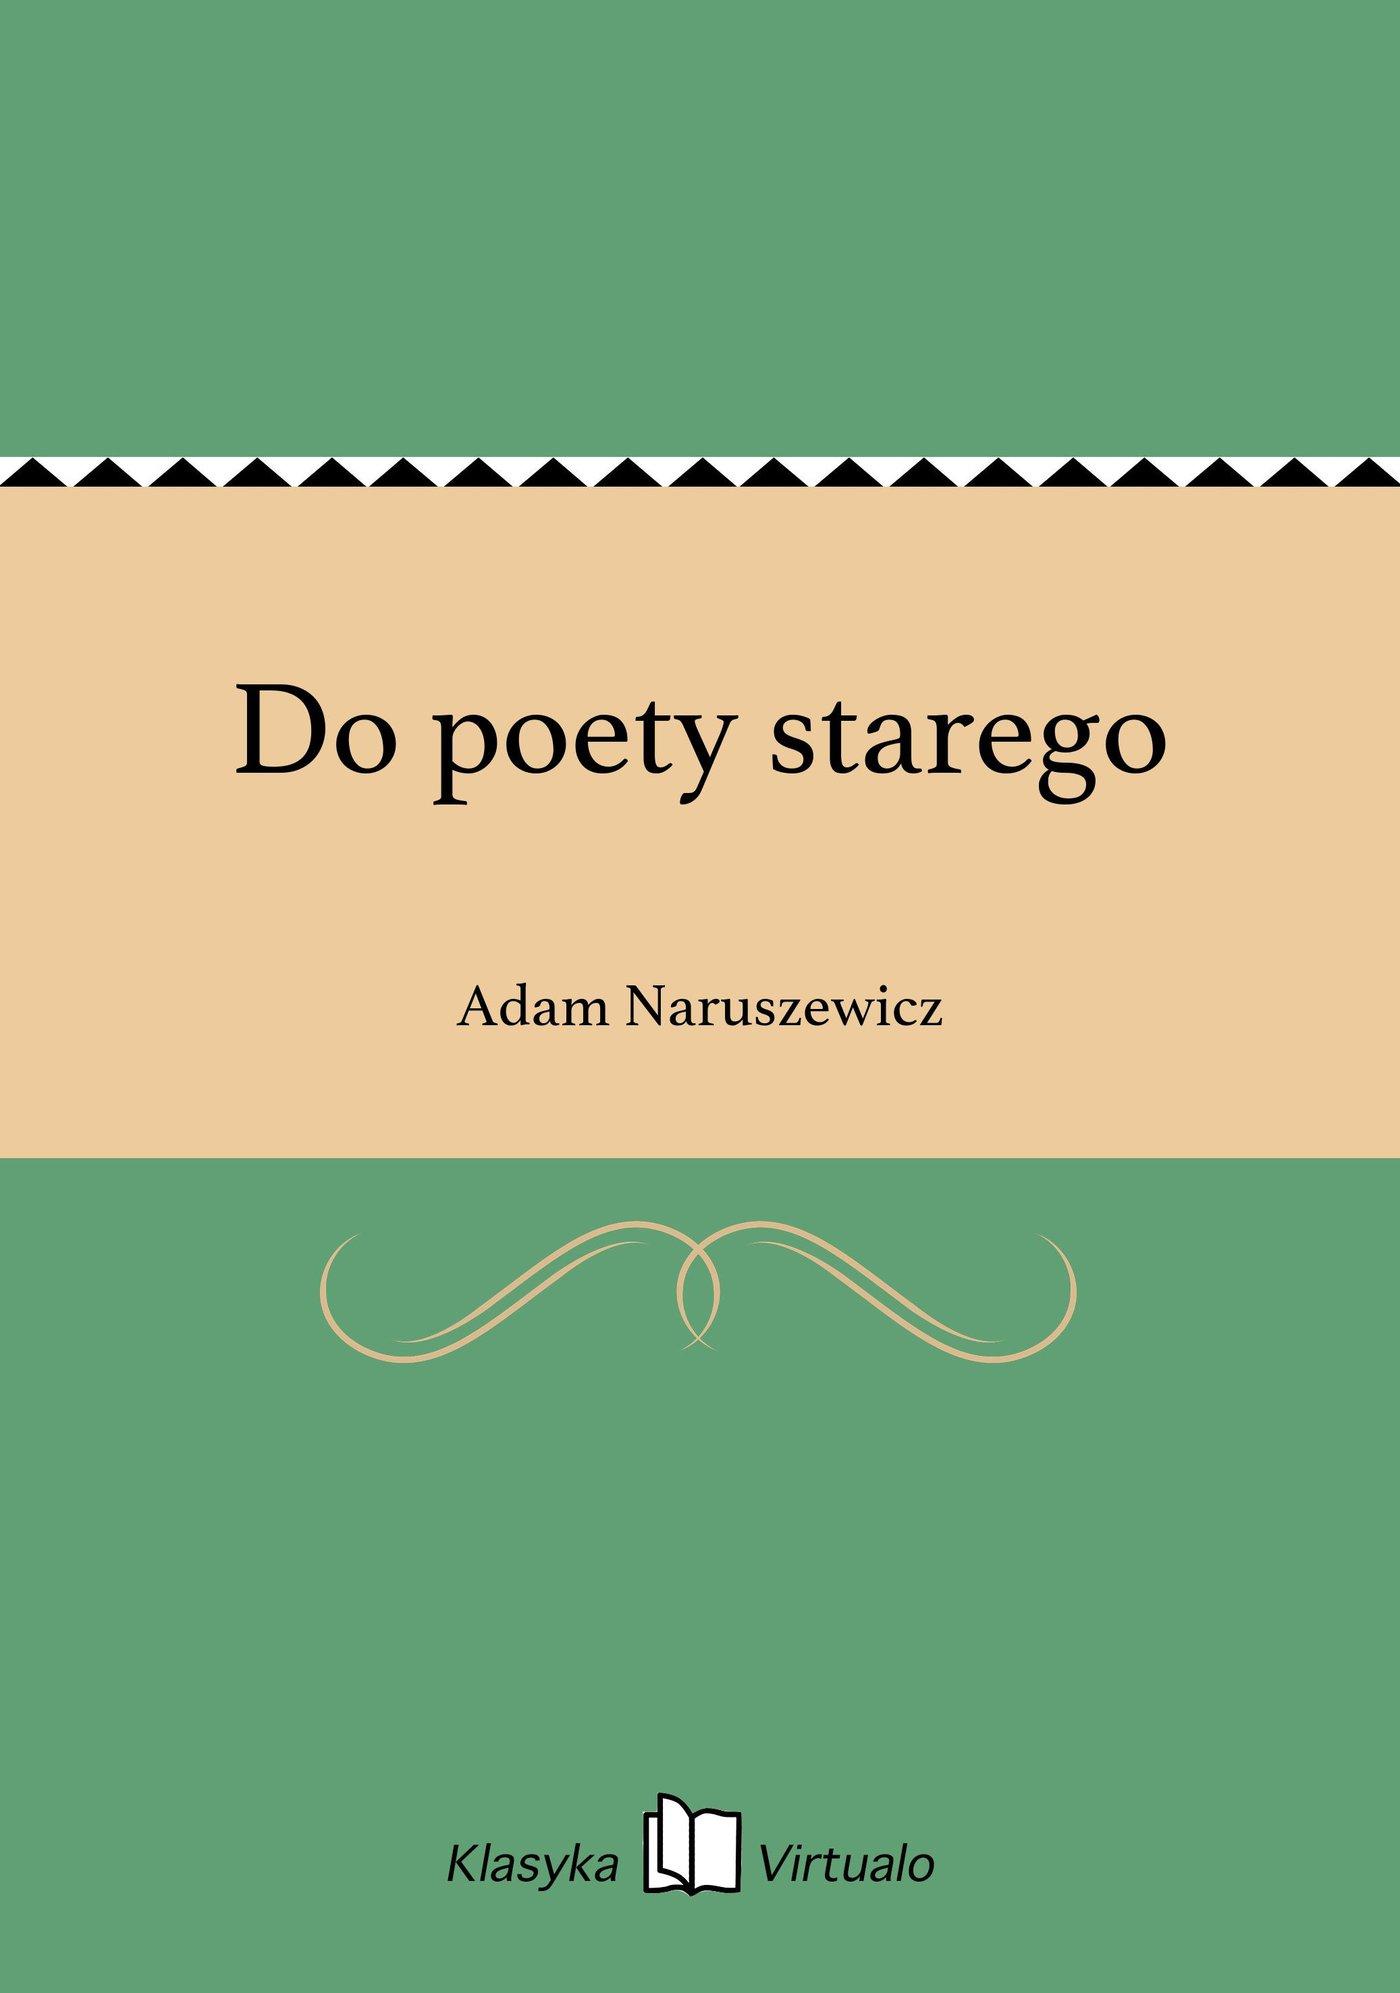 Do poety starego - Ebook (Książka EPUB) do pobrania w formacie EPUB